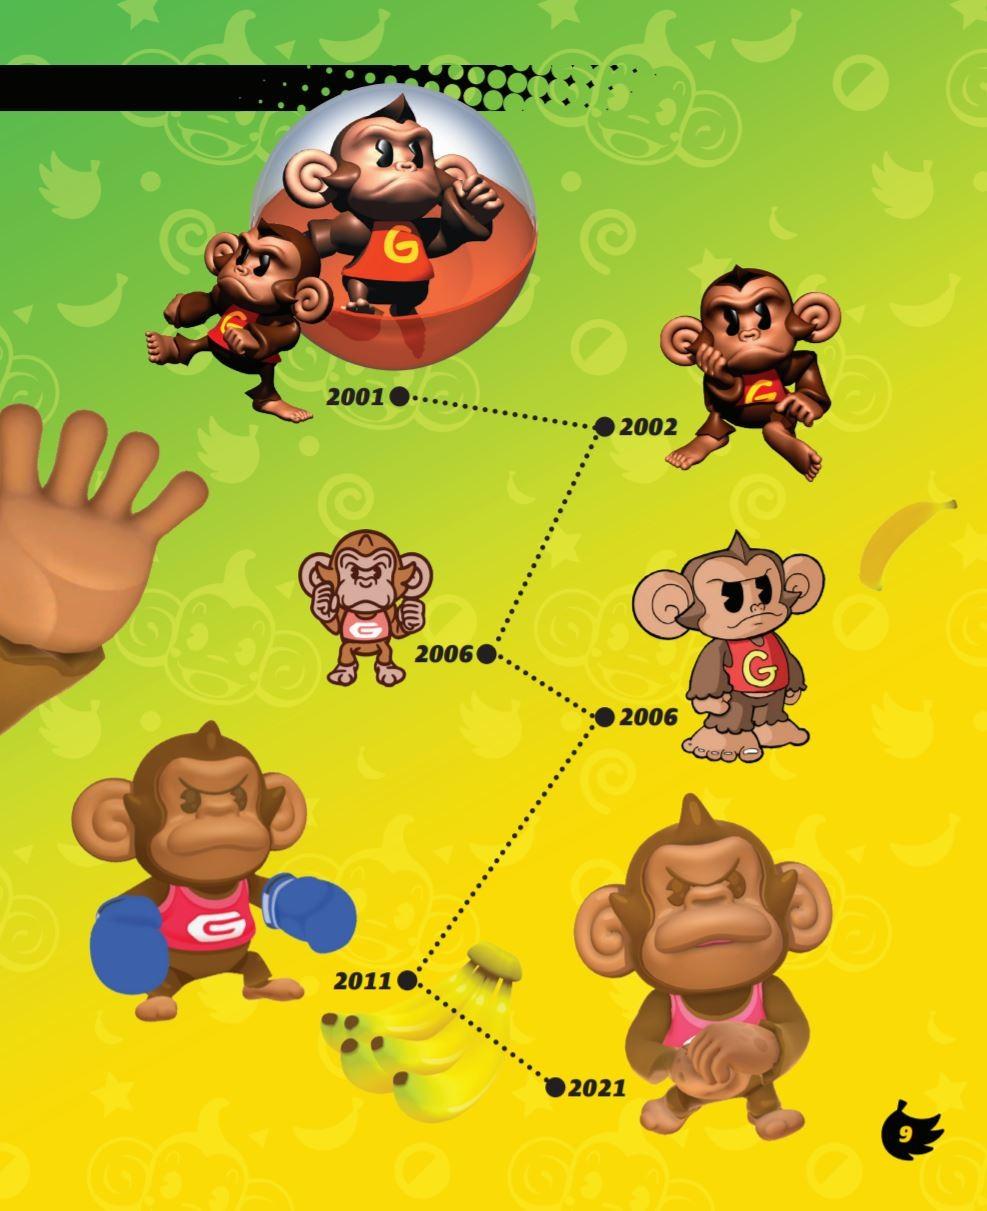 GonGon Evolution Image